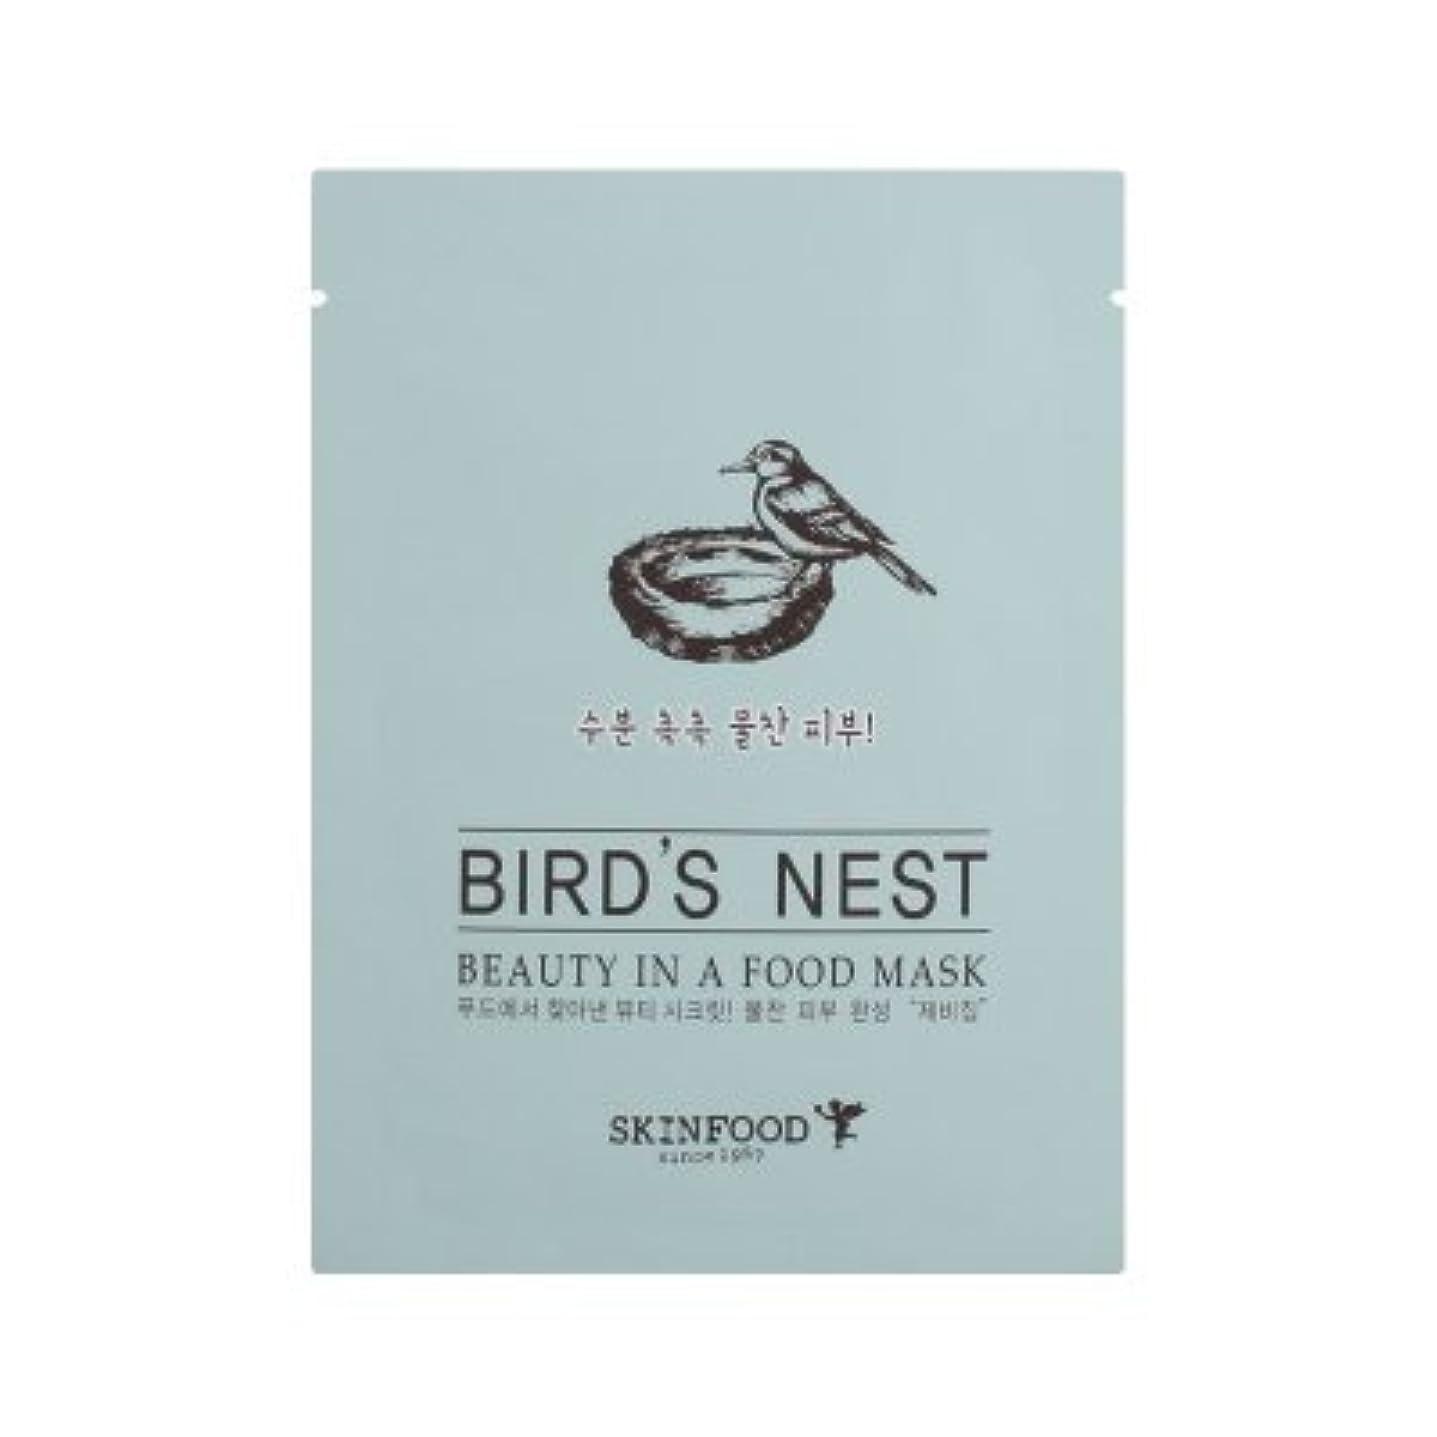 プレビュー保証金アッティカスSKINFOOD Beauty in a Food Mask Sheet 5EA (BIRD'S NEST) / スキンフード ビューティー イン ア フード マスクシート [並行輸入品]